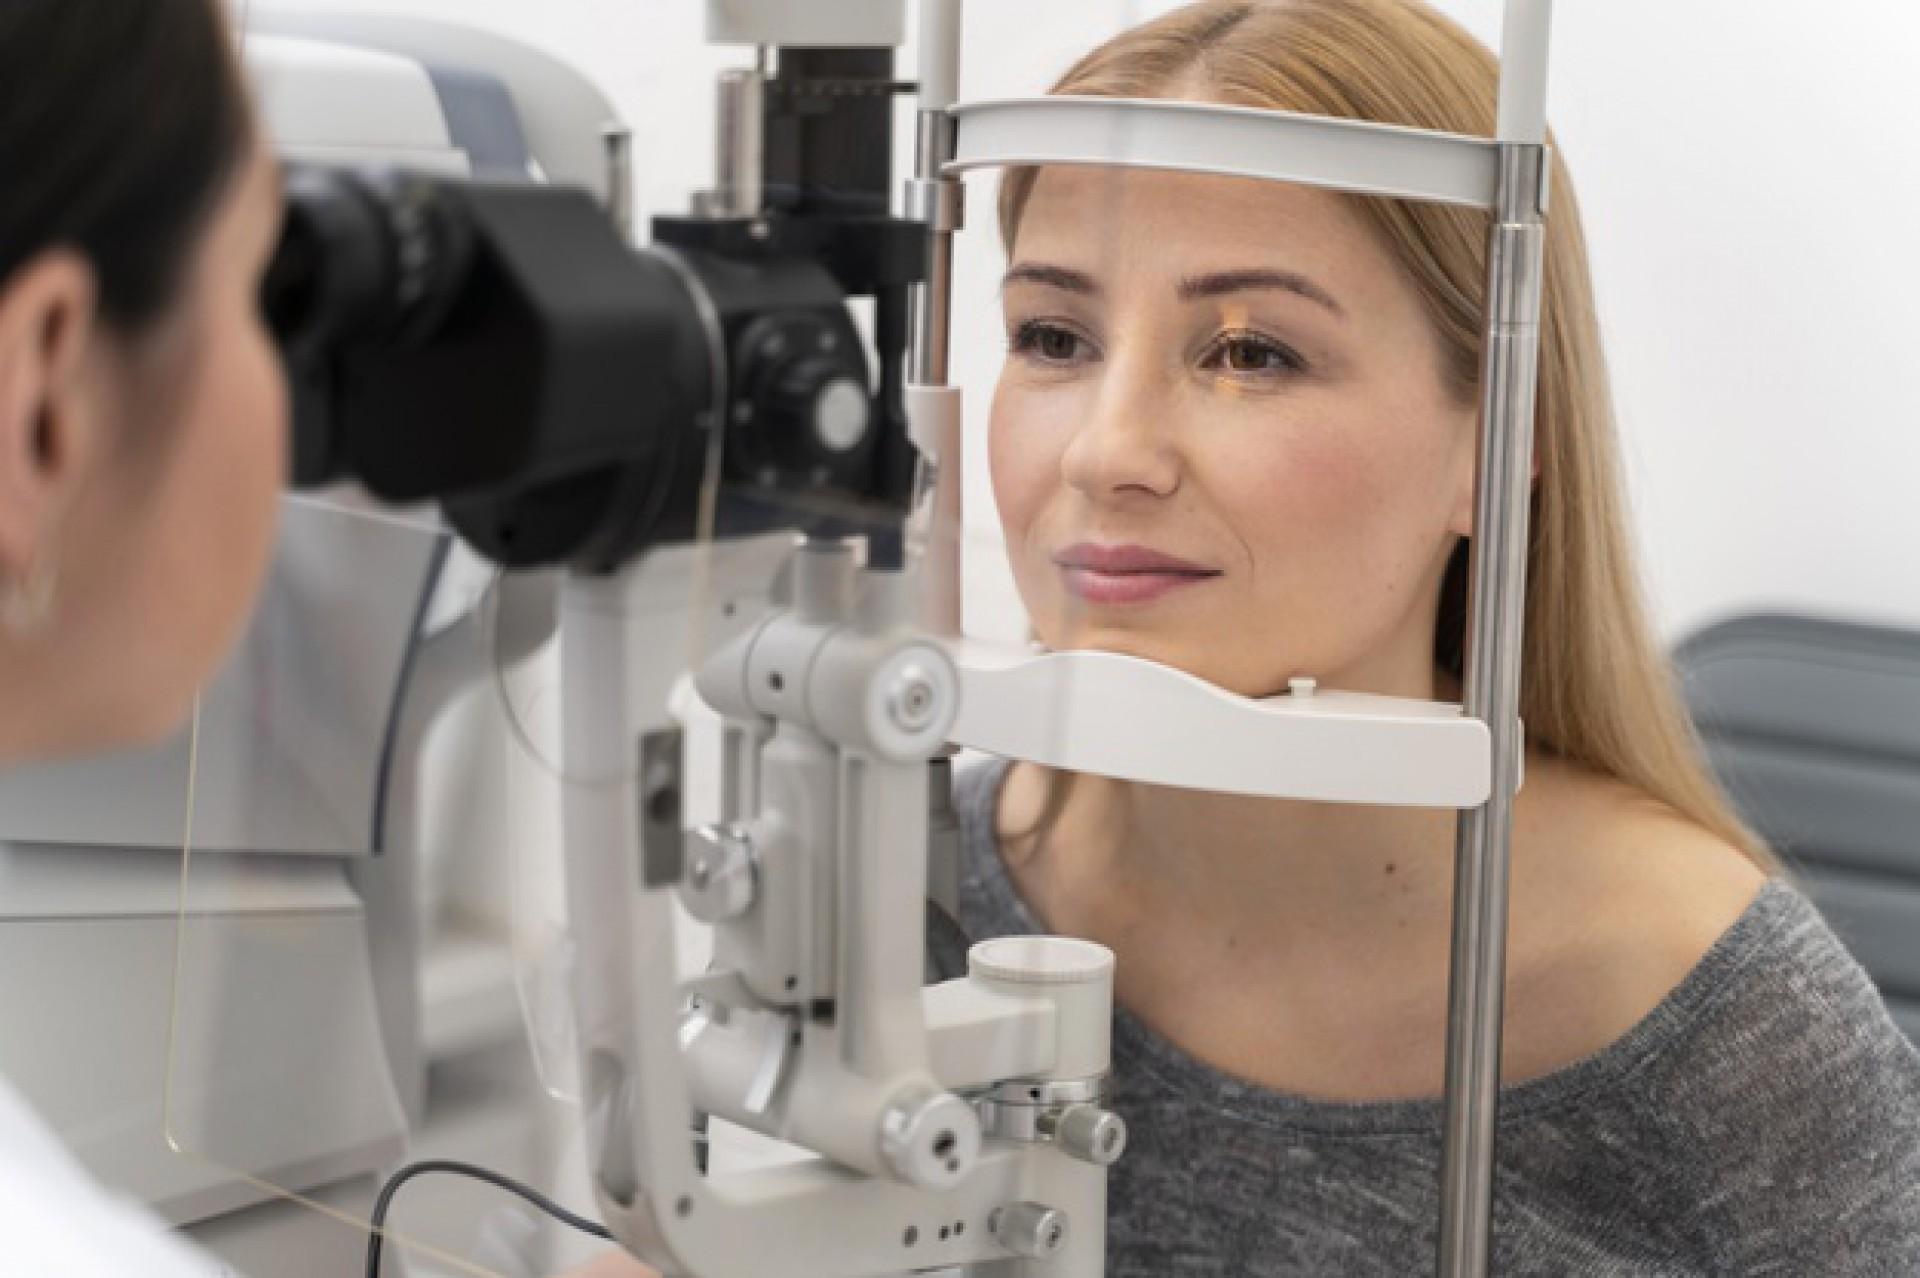 A doença é caracterizada pelo aumento da pressão do olho, sendo um problema geralmente silencioso e, por isso, não percebido, acarretando à perda progressiva da visão (Foto: Reprodução/Freepik)